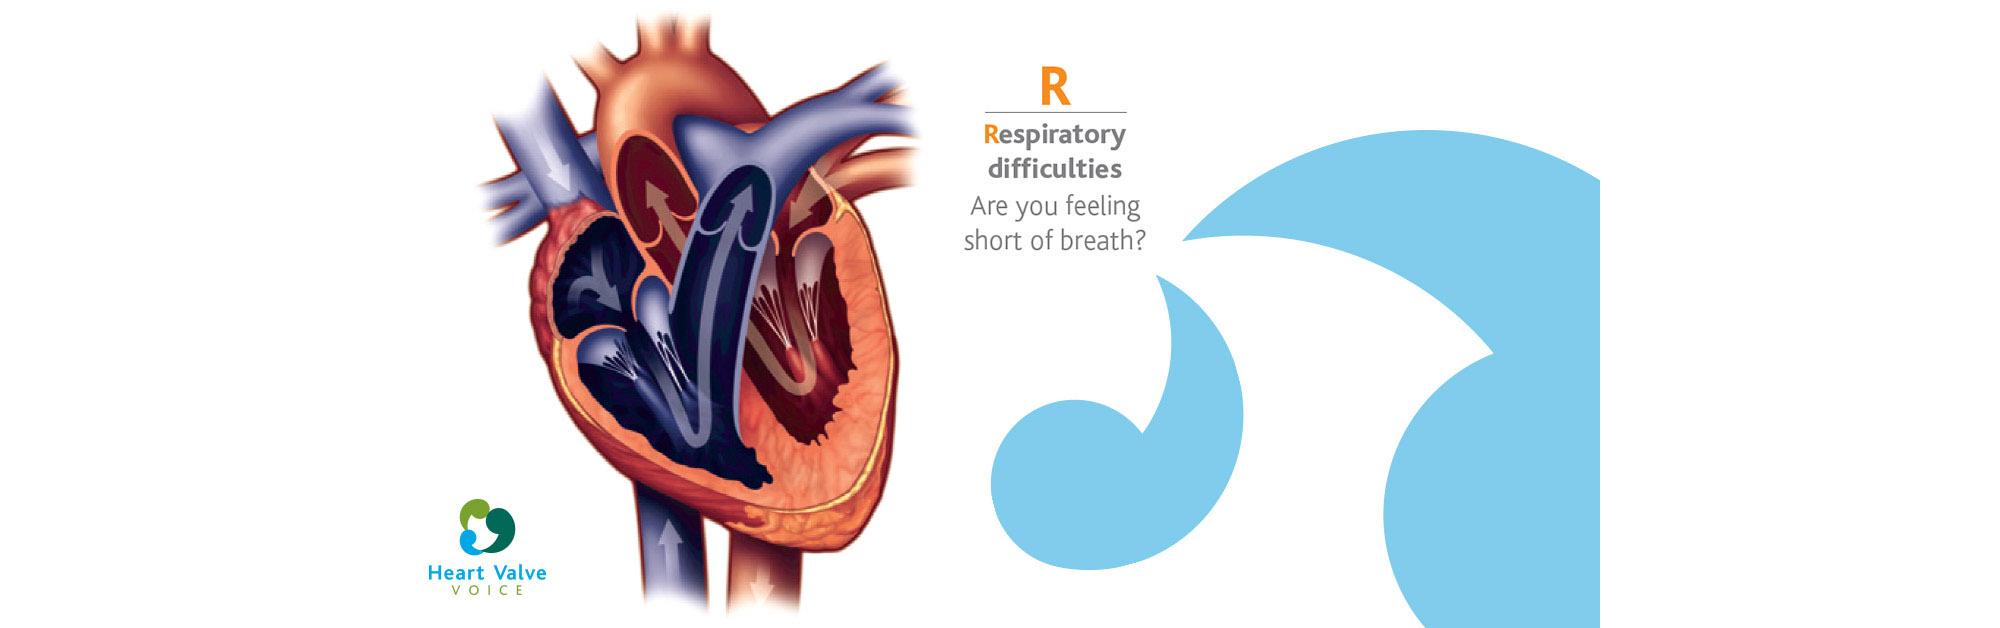 Heart check - R copy 2.jpg